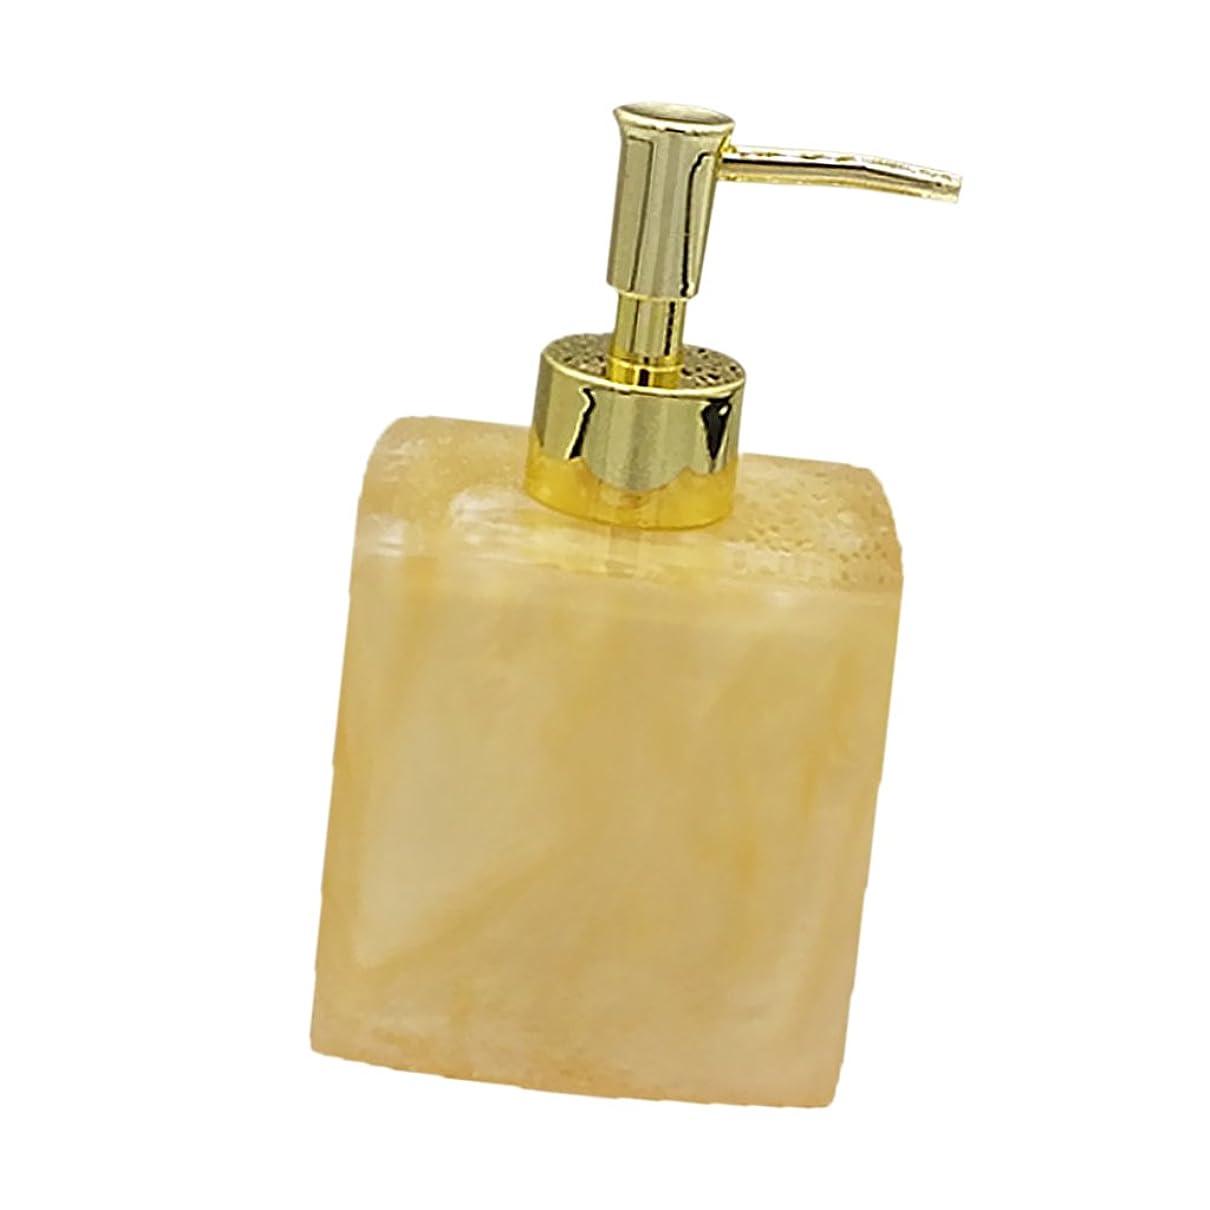 ビデオ遮るしない(8.5 7.8 15cm, Yellow) - MonkeyJack Resin Soap Shampoo Dispenser Bath Liquid Body Lotion Pump Bottle/Jar VARIOUS - Yellow, 8.5 7.8 15cm